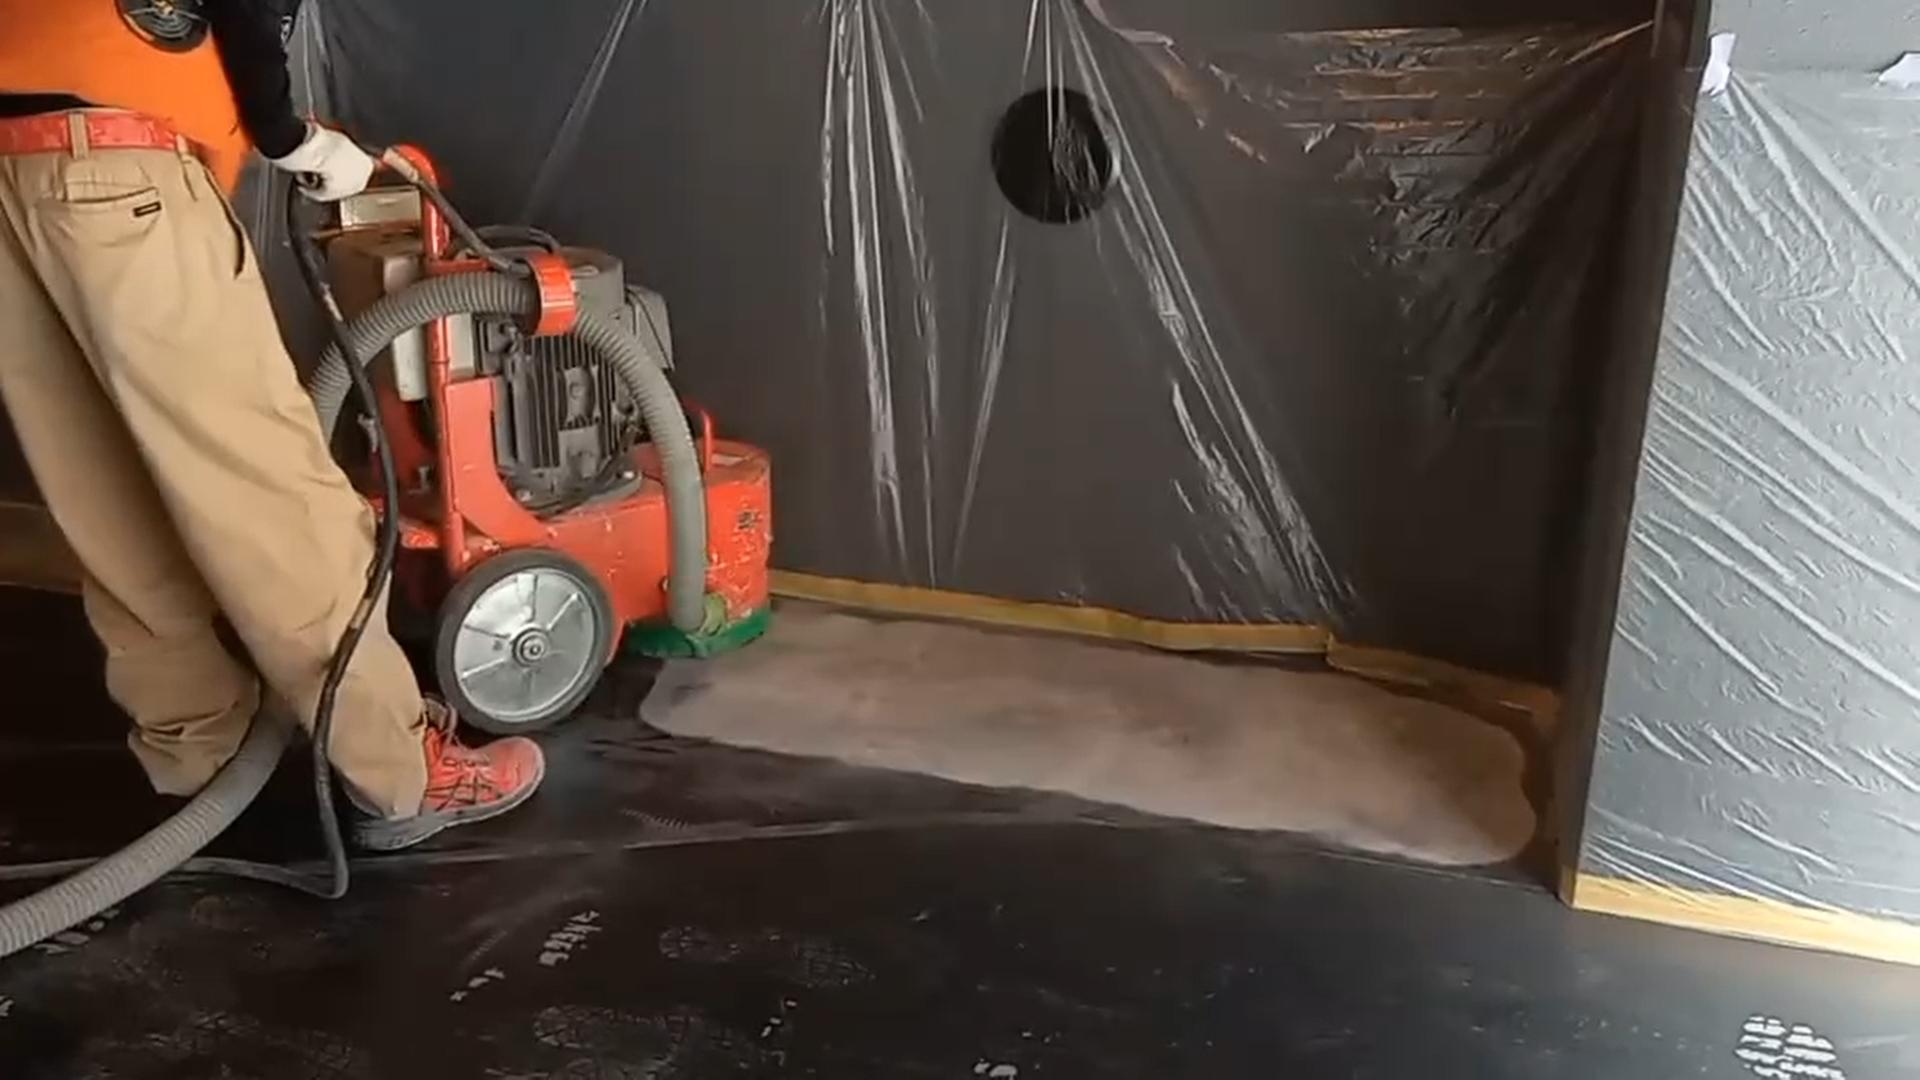 床面研磨機『トルネード』を使って、艶出しメンテナンス材の研磨除去をしています。